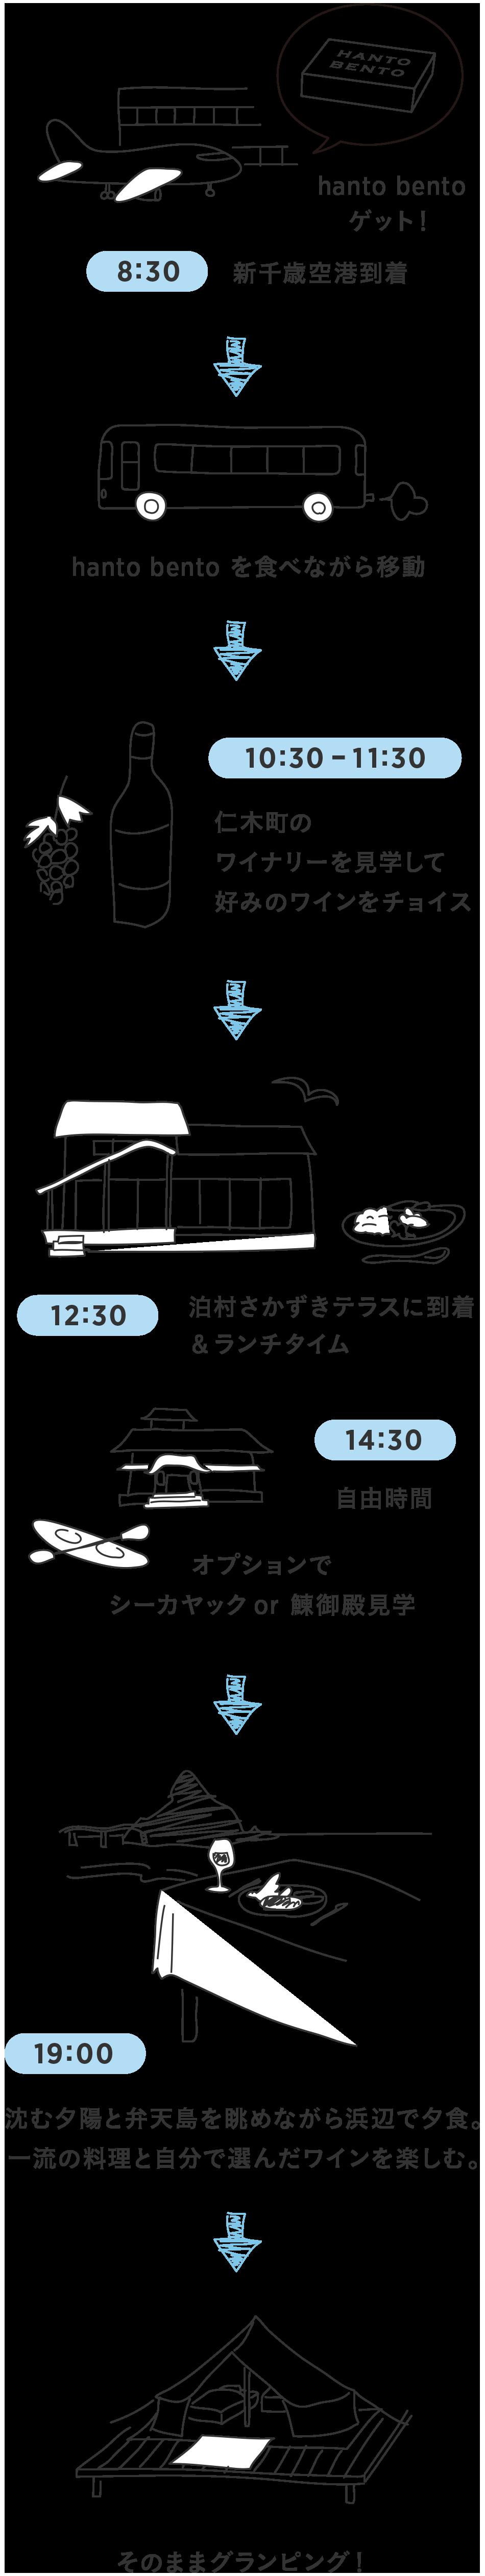 8:30 新千歳空港到着 hanto bentoをゲット! - hanto bentoを食べながら移動 - 10:30-11:30 仁木町のワイナリーを見学して好みのワインをチョイス - 12:30 泊村さかずきテラスに到着&ランチタイム - 14:30 自由時間 - オプションでシーカヤックor鰊御殿見学 - 19:00 沈む夕陽と弁天島を眺めながら浜辺で夕食。一流の料理と自分で選んだワインを楽しむ。 - そのままグランピング!